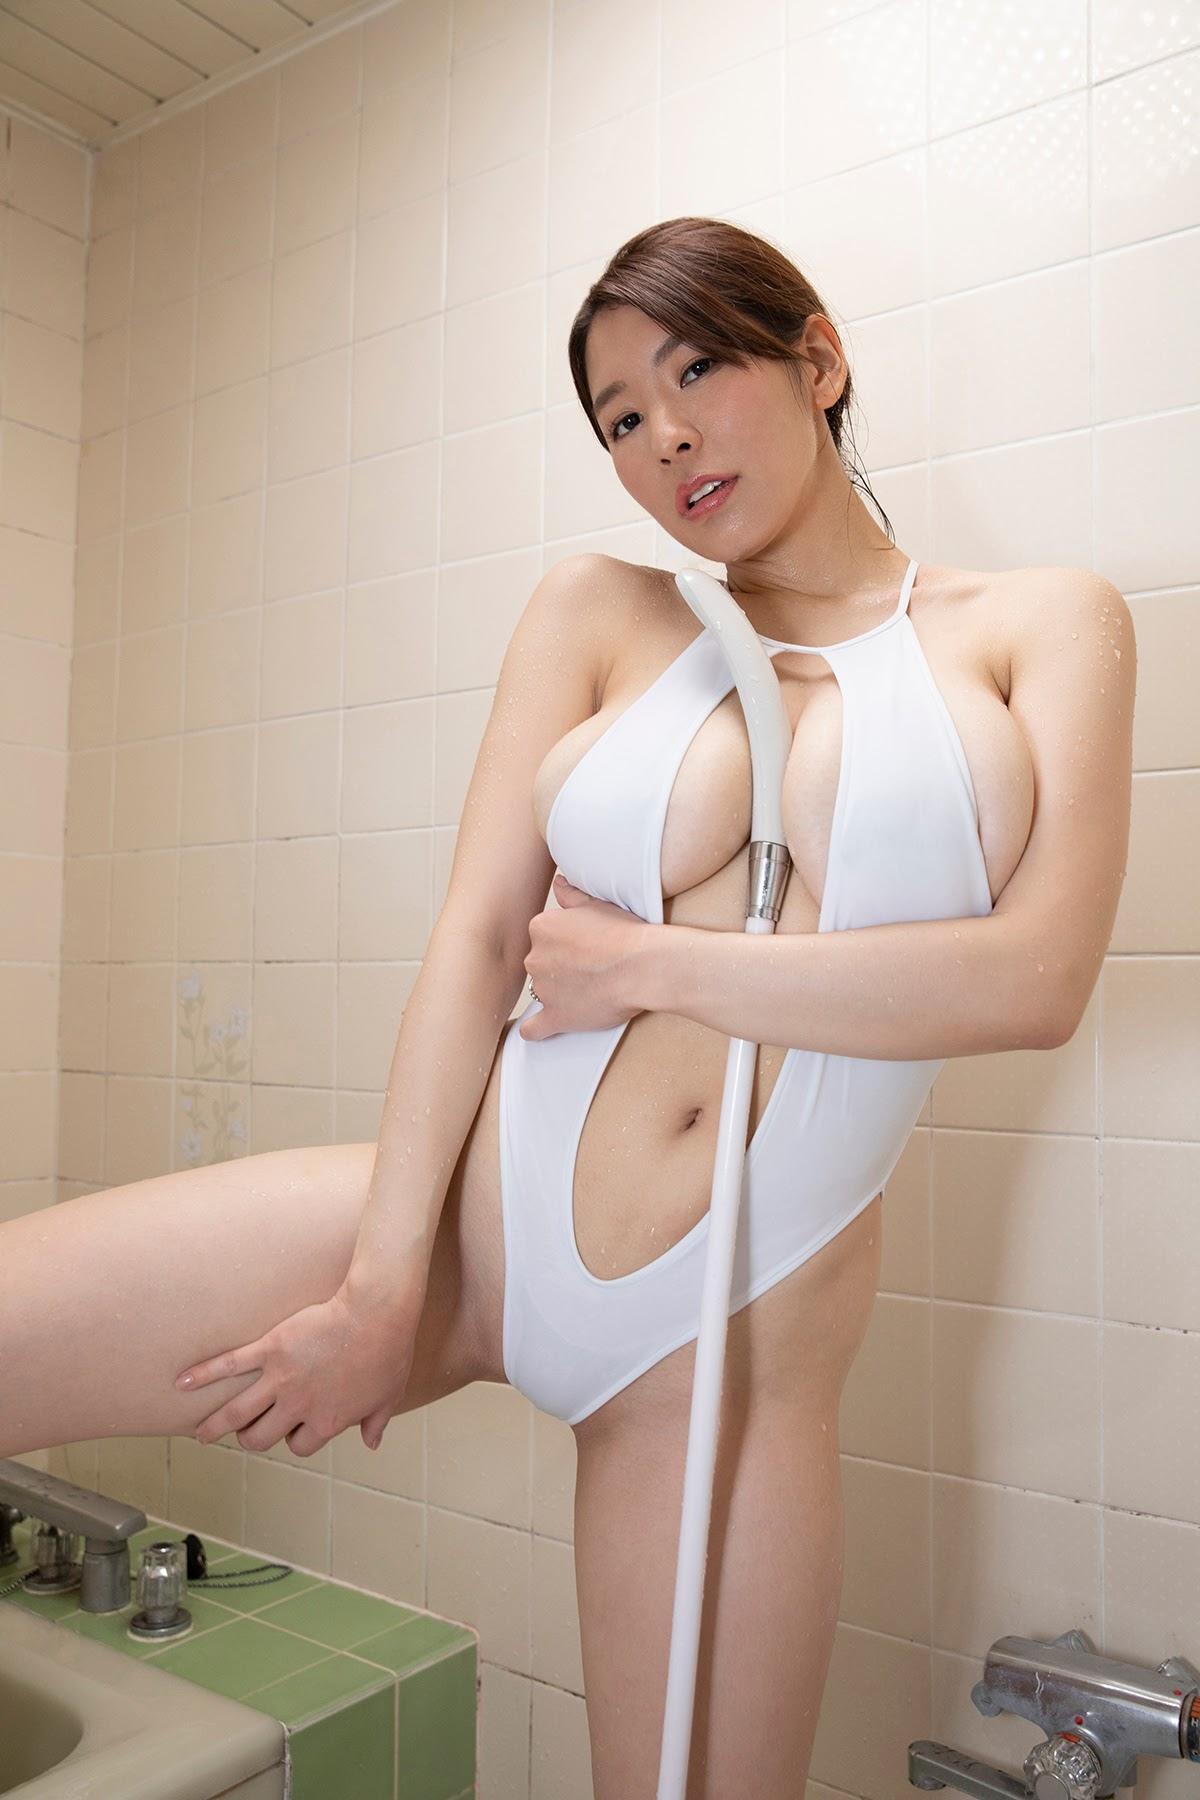 夏来唯 Yui Natsuki 夏来唯 あなた、ごめんなさい。x9.jpg